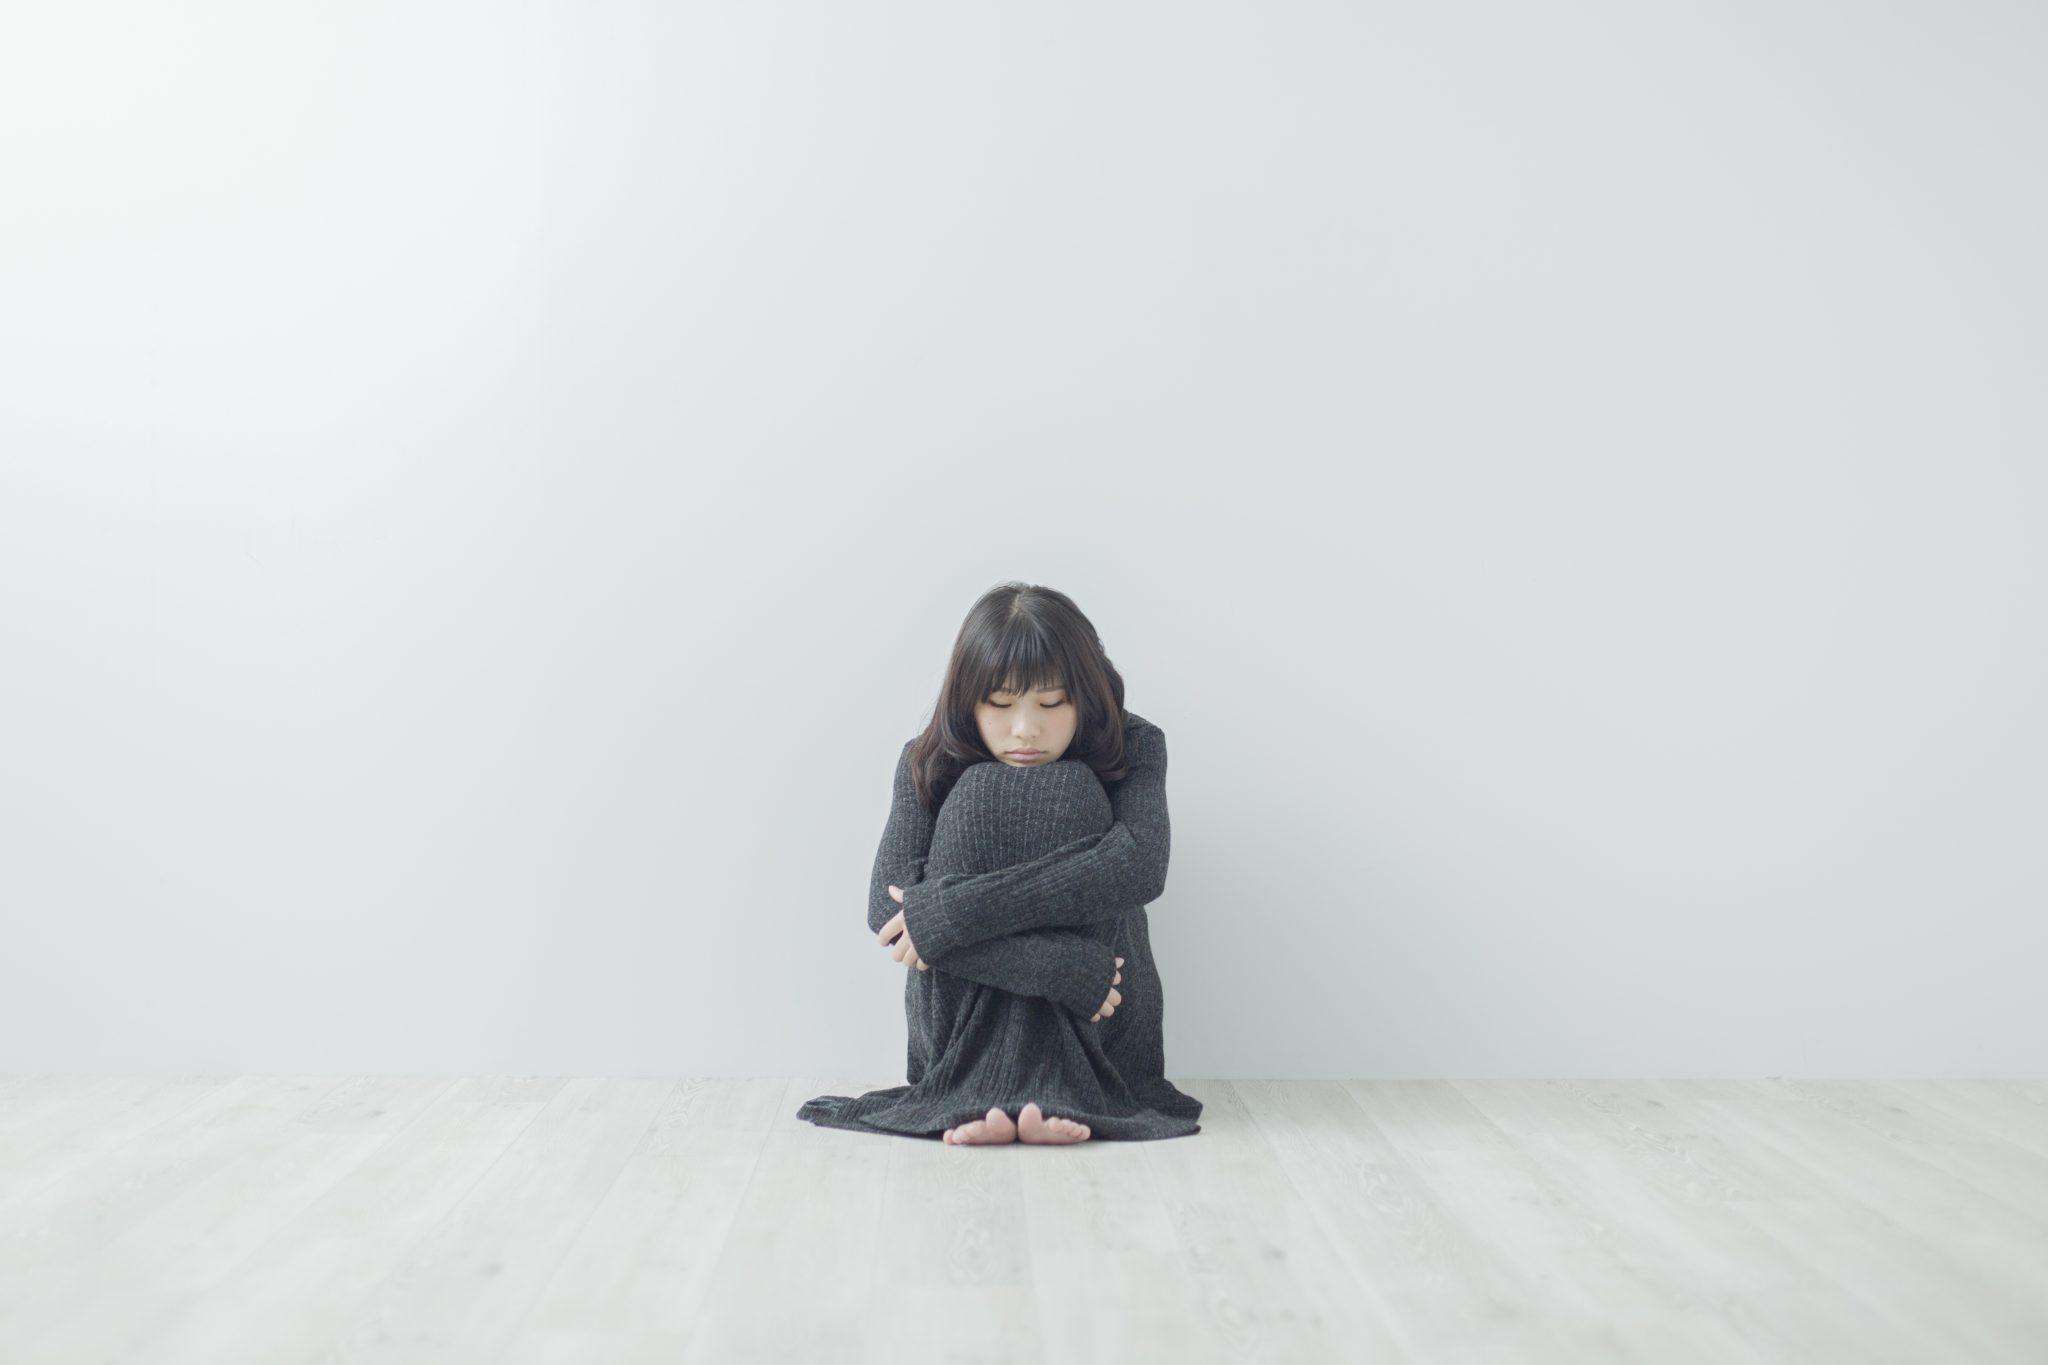 精華学園高等学校 東京ボイス校:学校は嫌いですか?